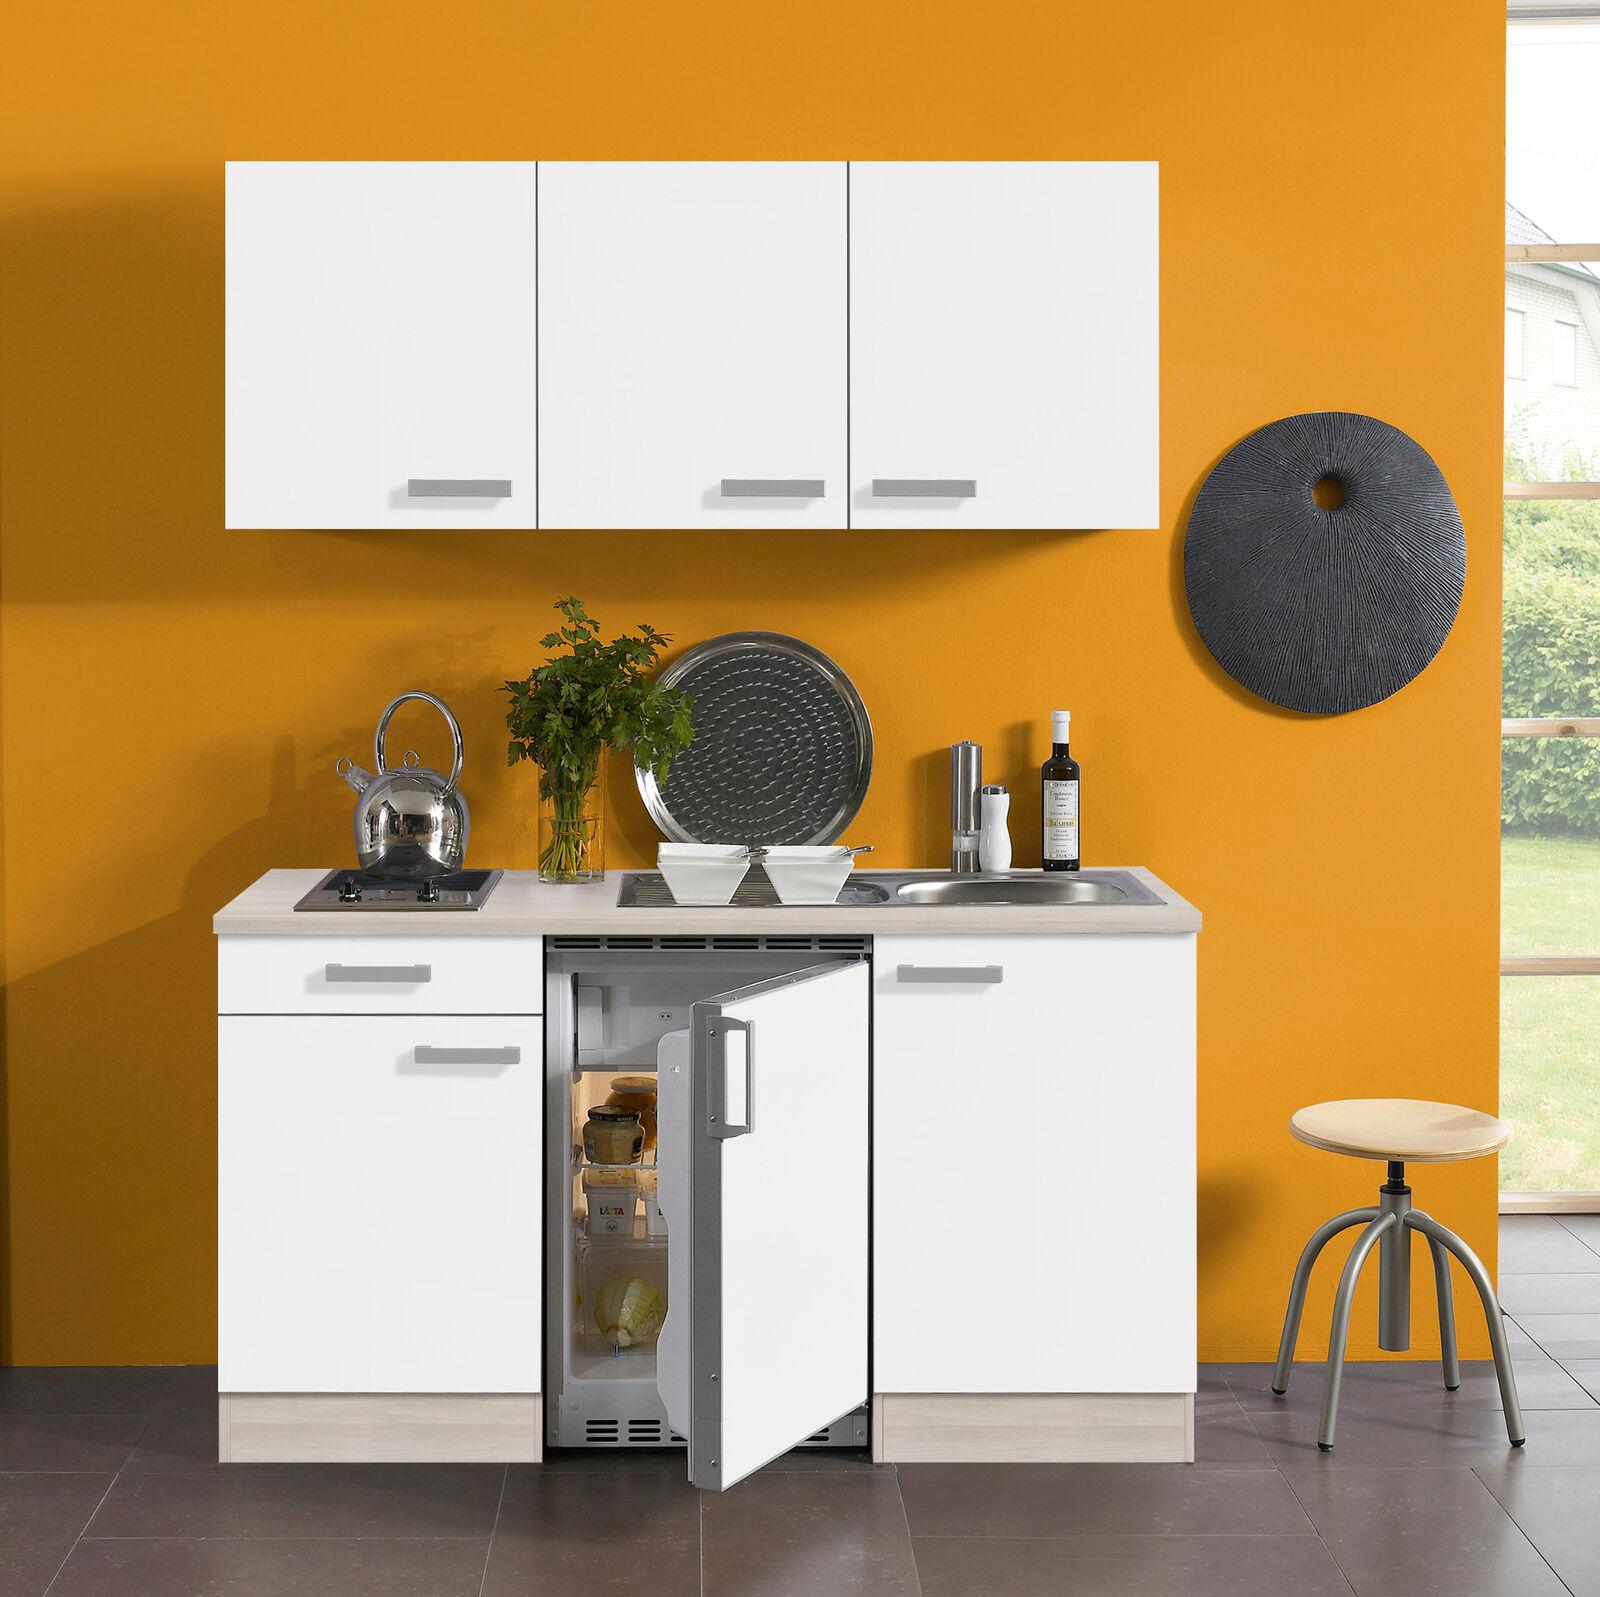 Full Size of Stengel Miniküche Pantrykche Mehr Als 500 Angebote Mit Kühlschrank Ikea Küche Stengel Miniküche